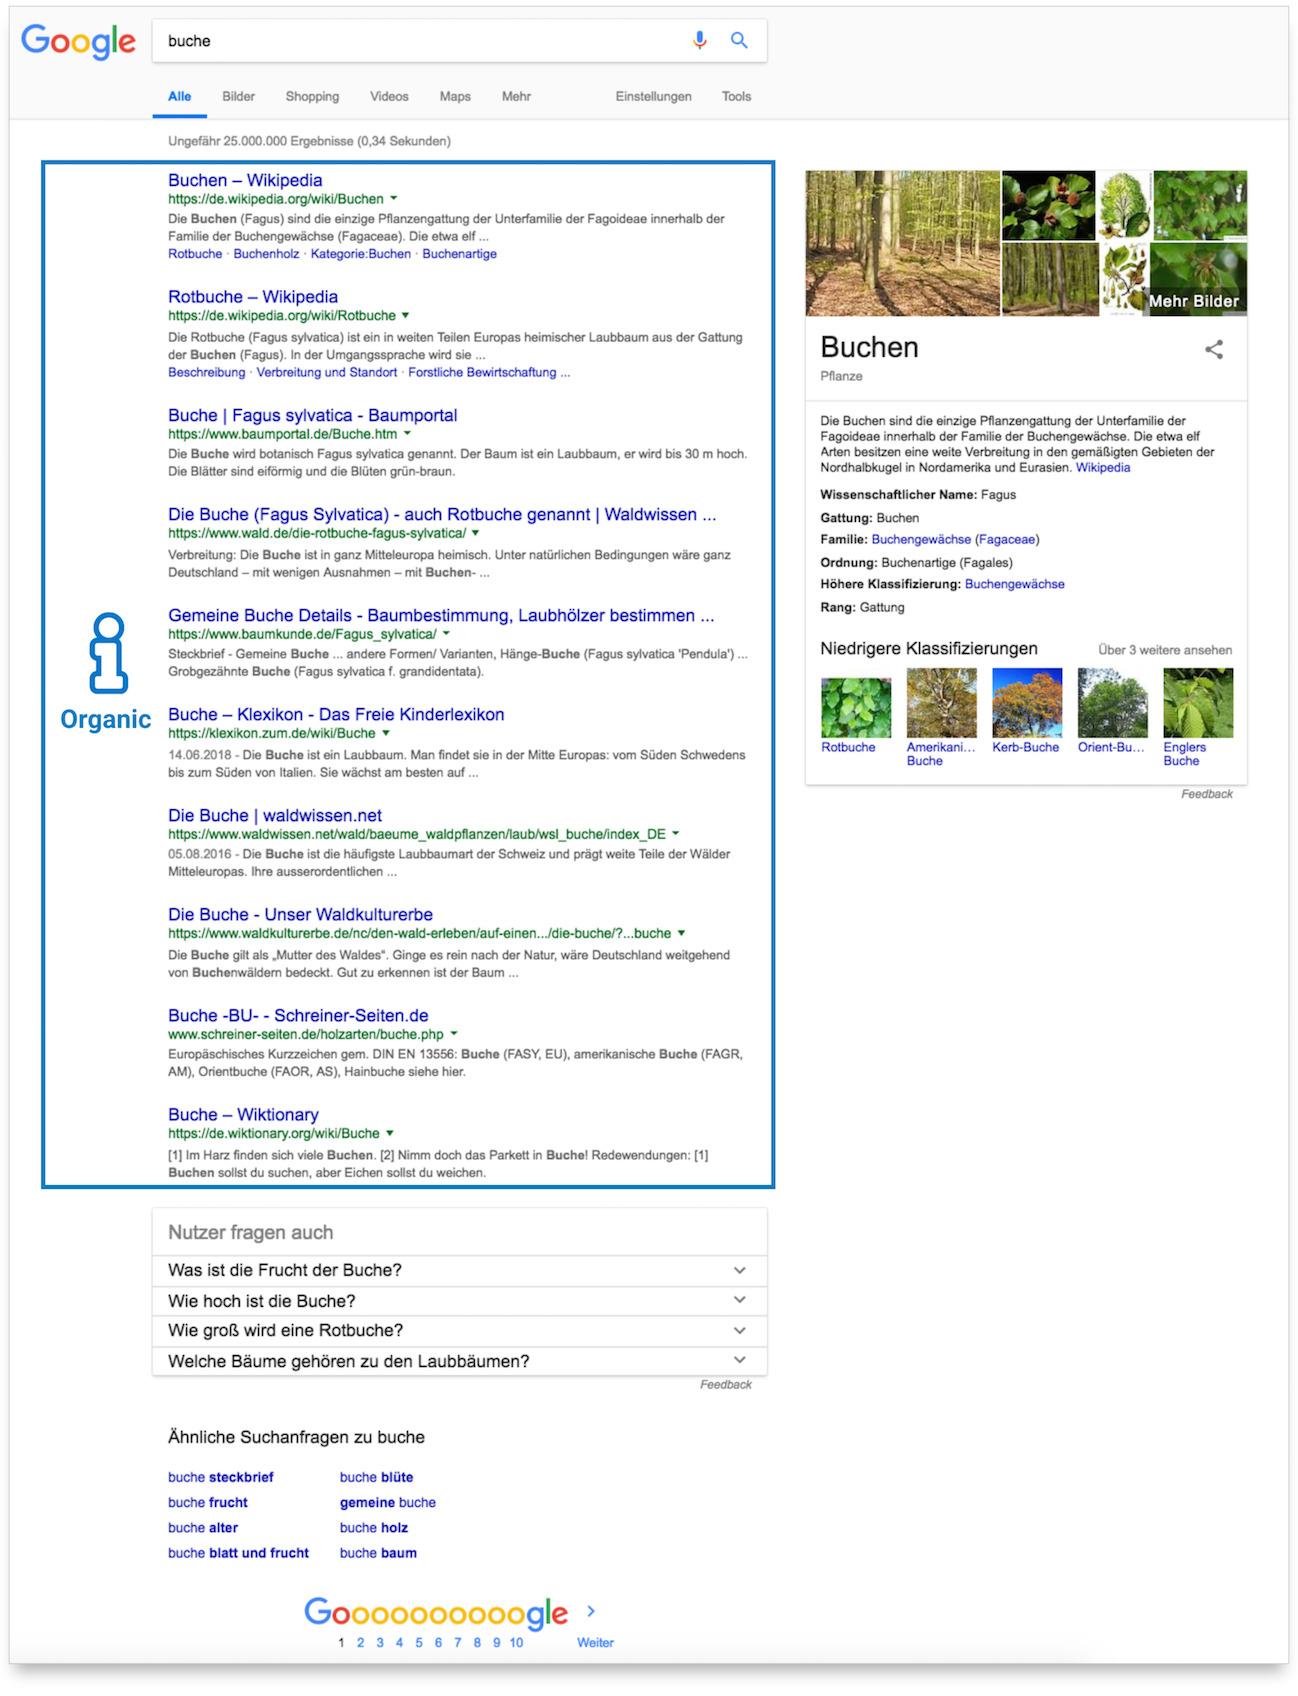 """Zeigt die Google-Suchergebnisseite für das Keyword """"buche"""" an. Es werden insgesamt 10 organische Ergebnisse angezeigt."""